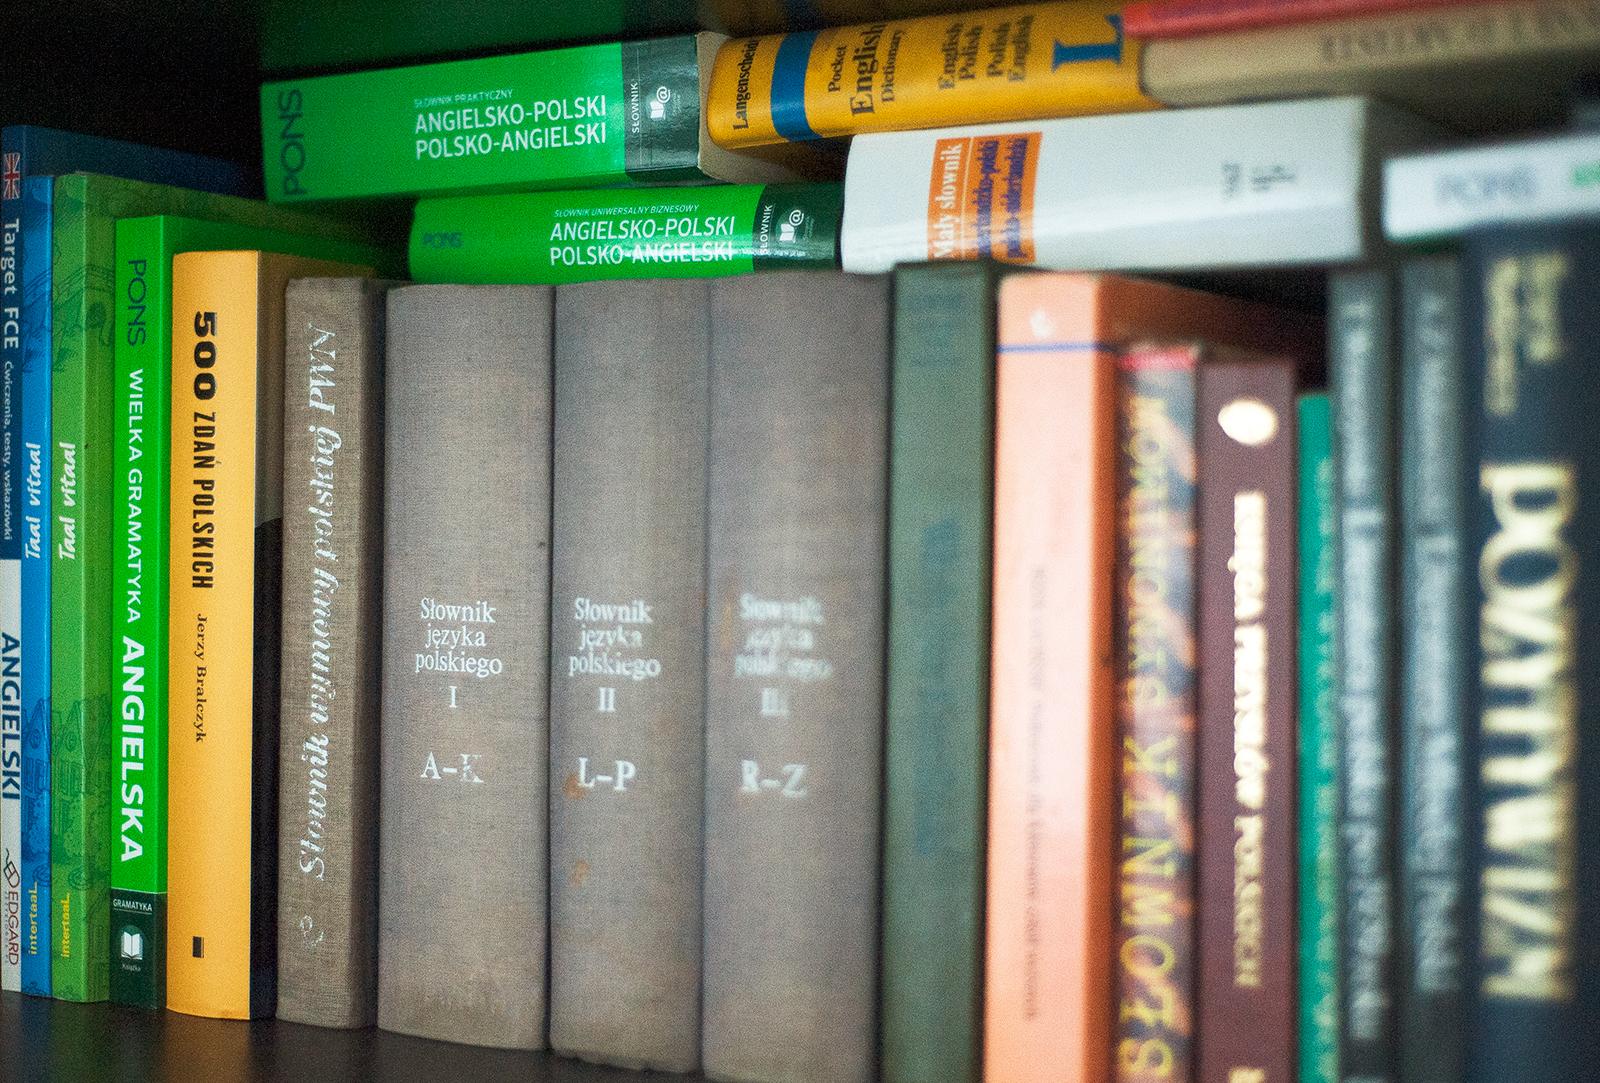 Wertowanie własnej biblioteczki to istotny etap procesu namingowego